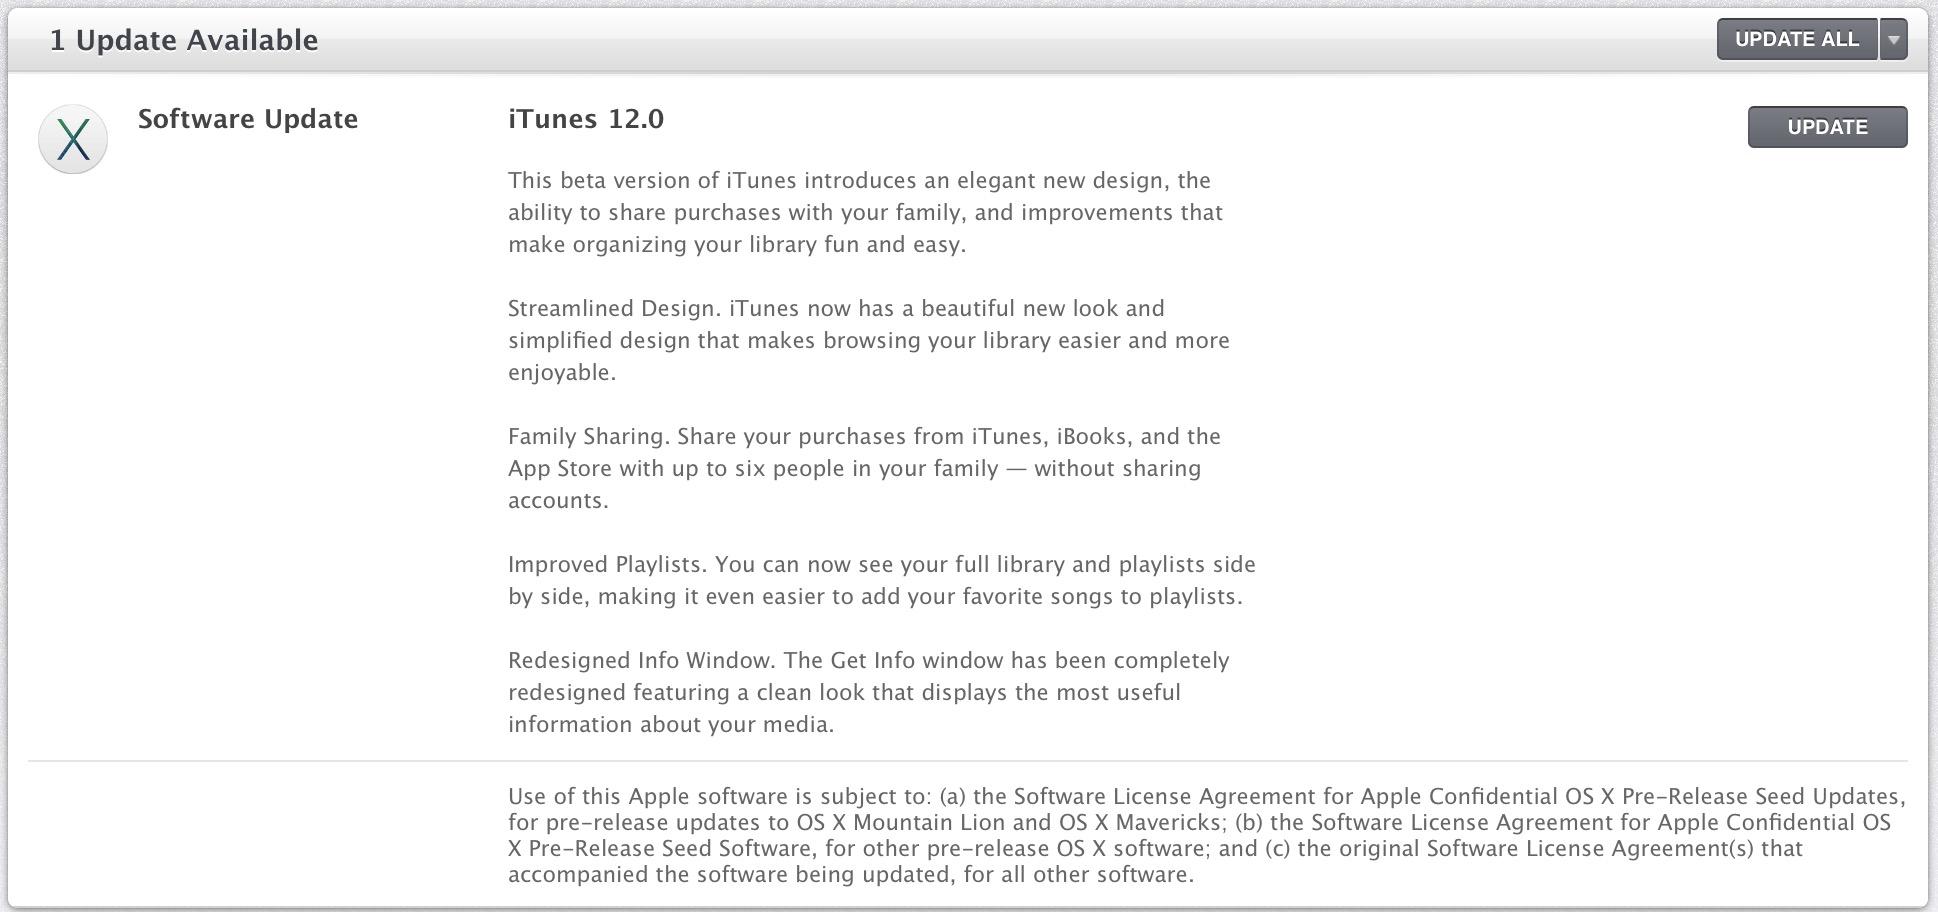 itunes 12 update